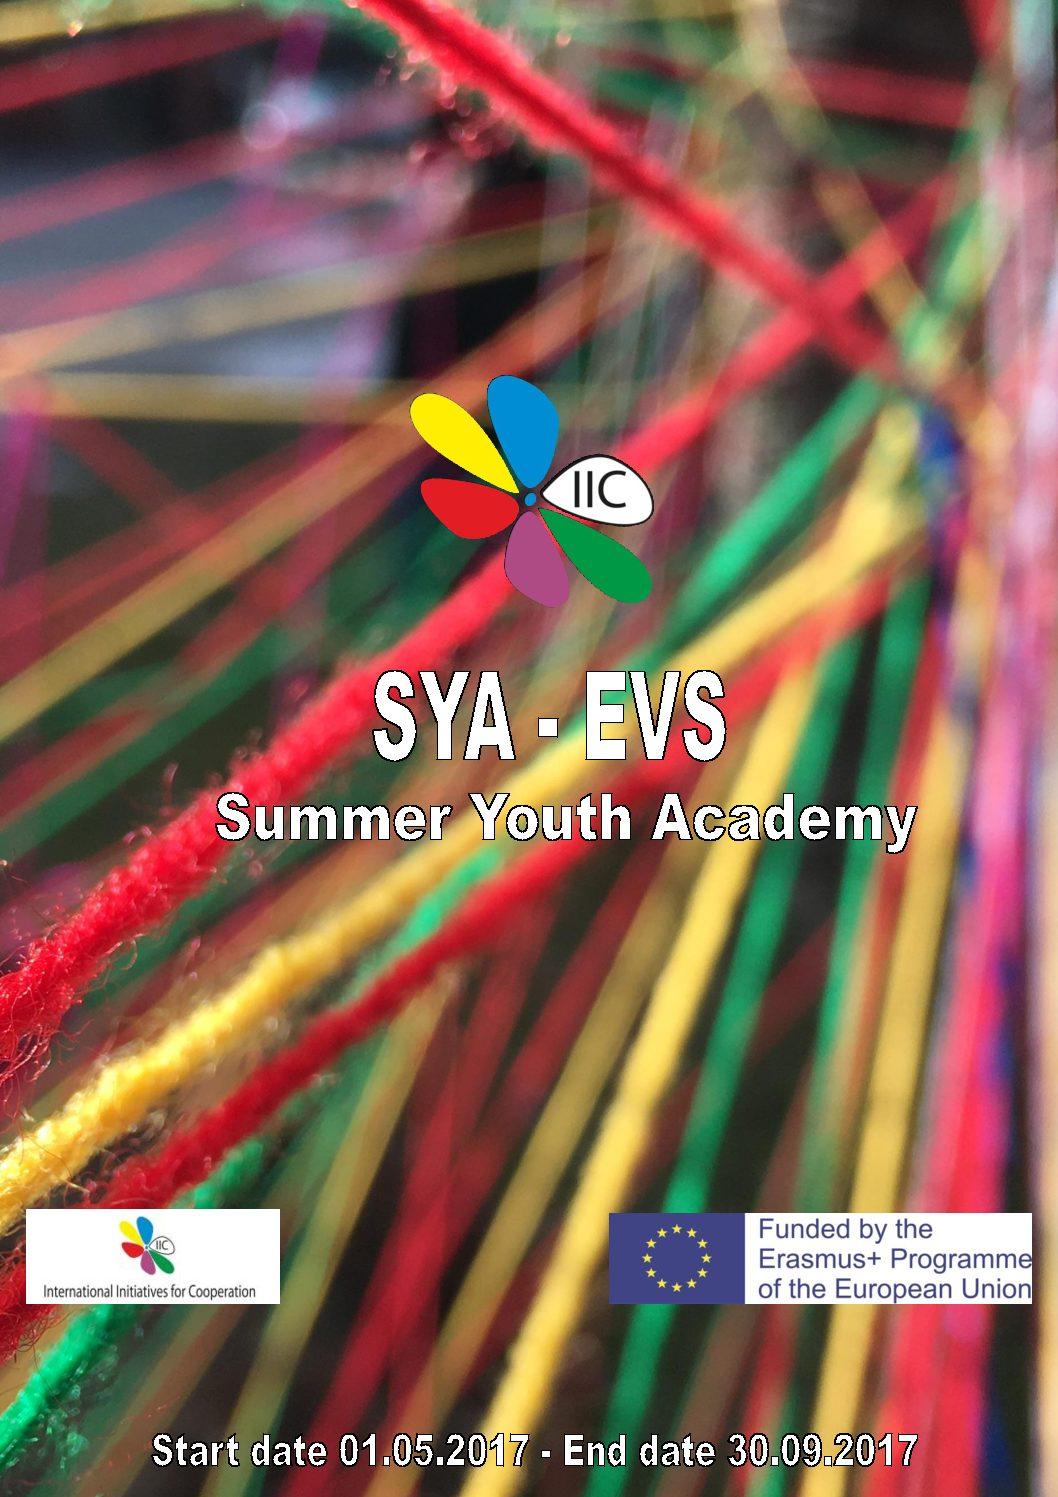 Summer Youth Academy (SYA)